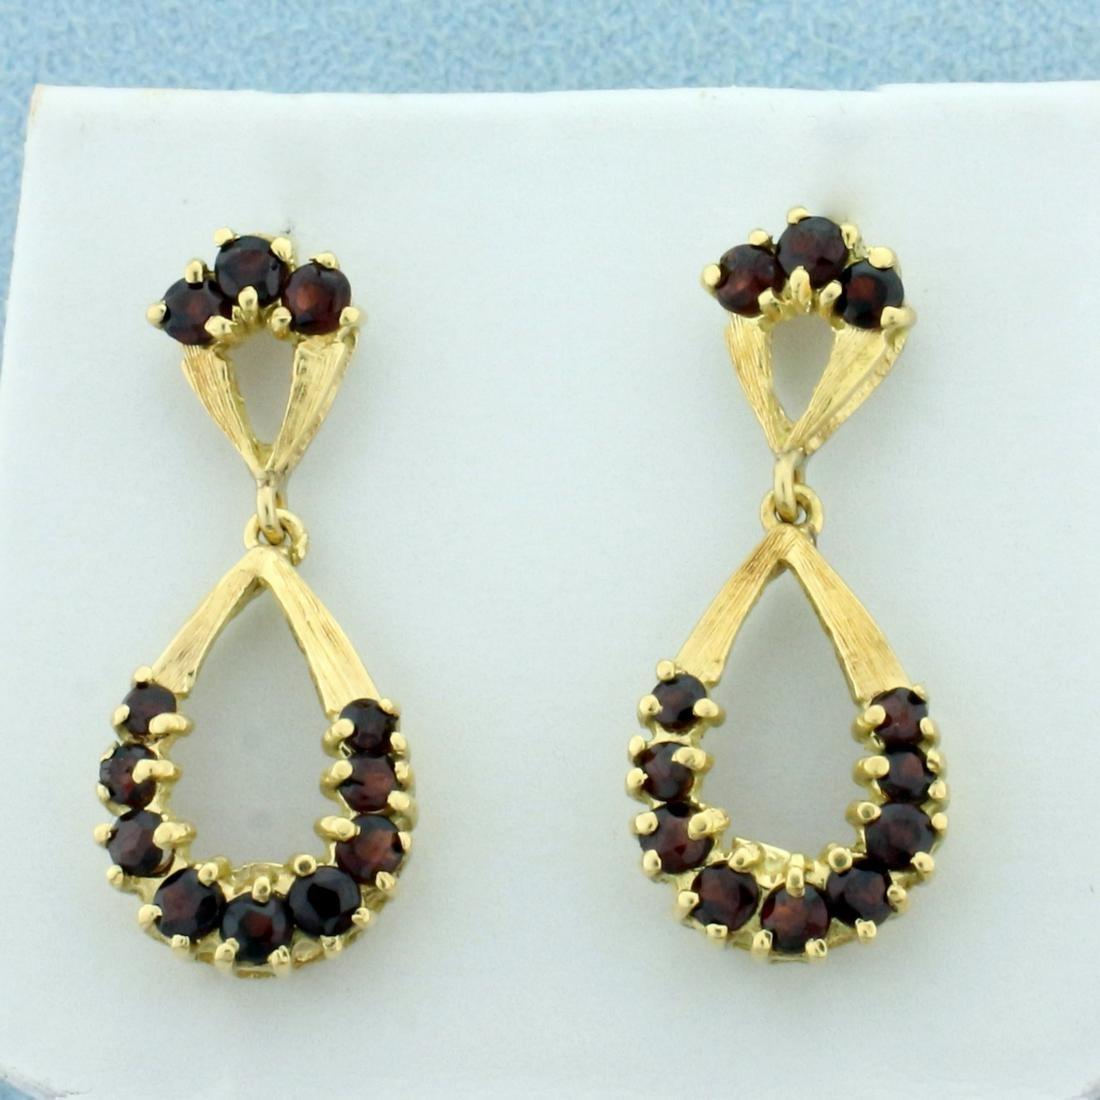 Vintage Garnet Dangle Earrings in 18K Yellow Gold